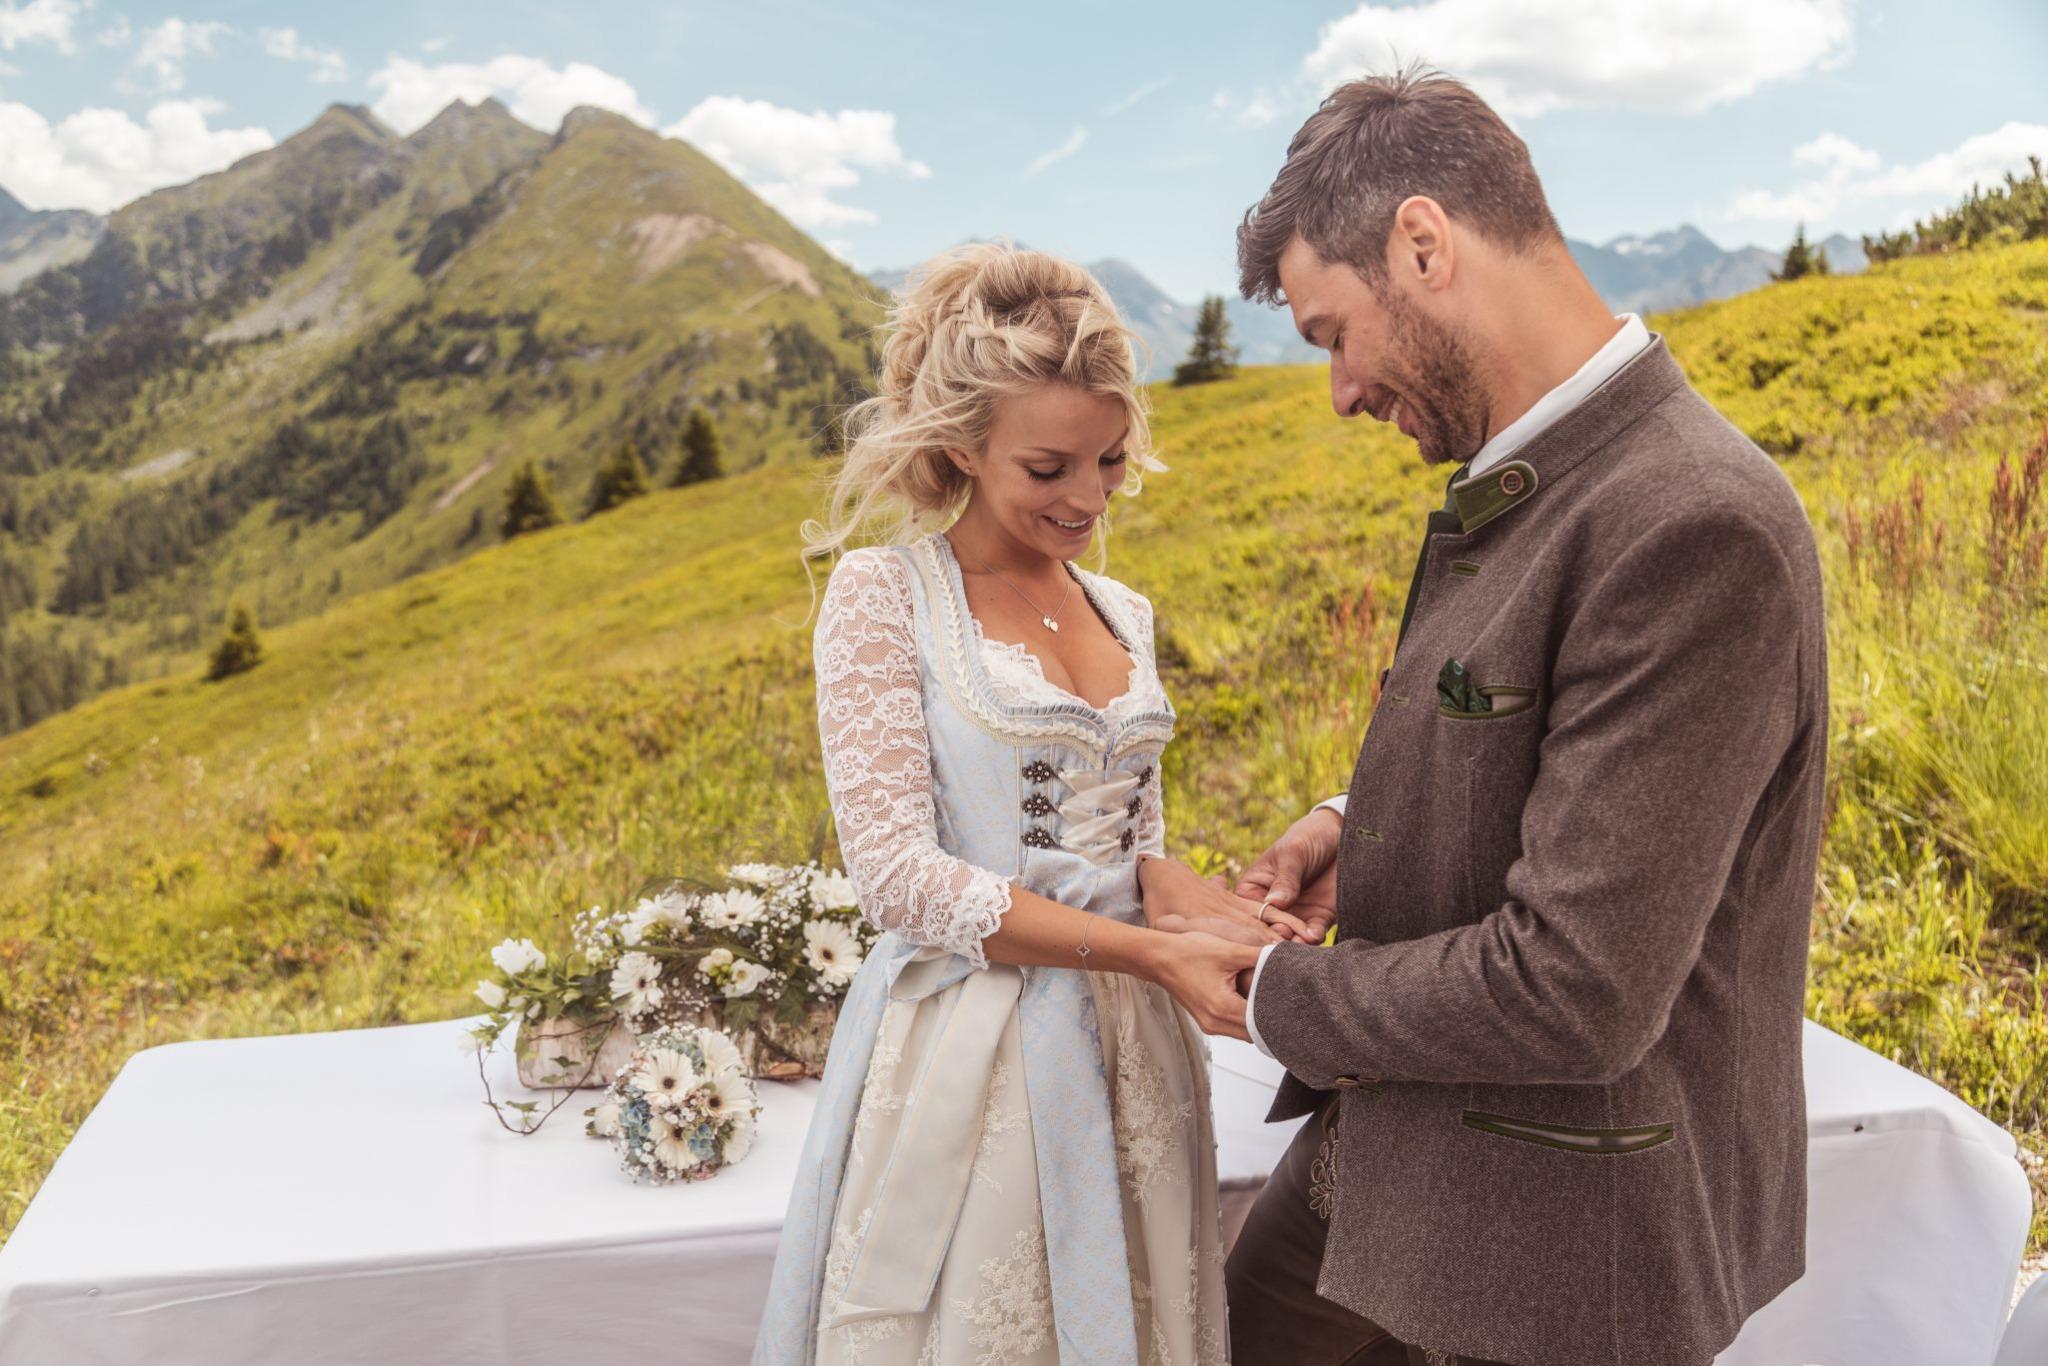 Heiraten Auf Der Alm Steiermark Standesamtliche Trauung Am Berg